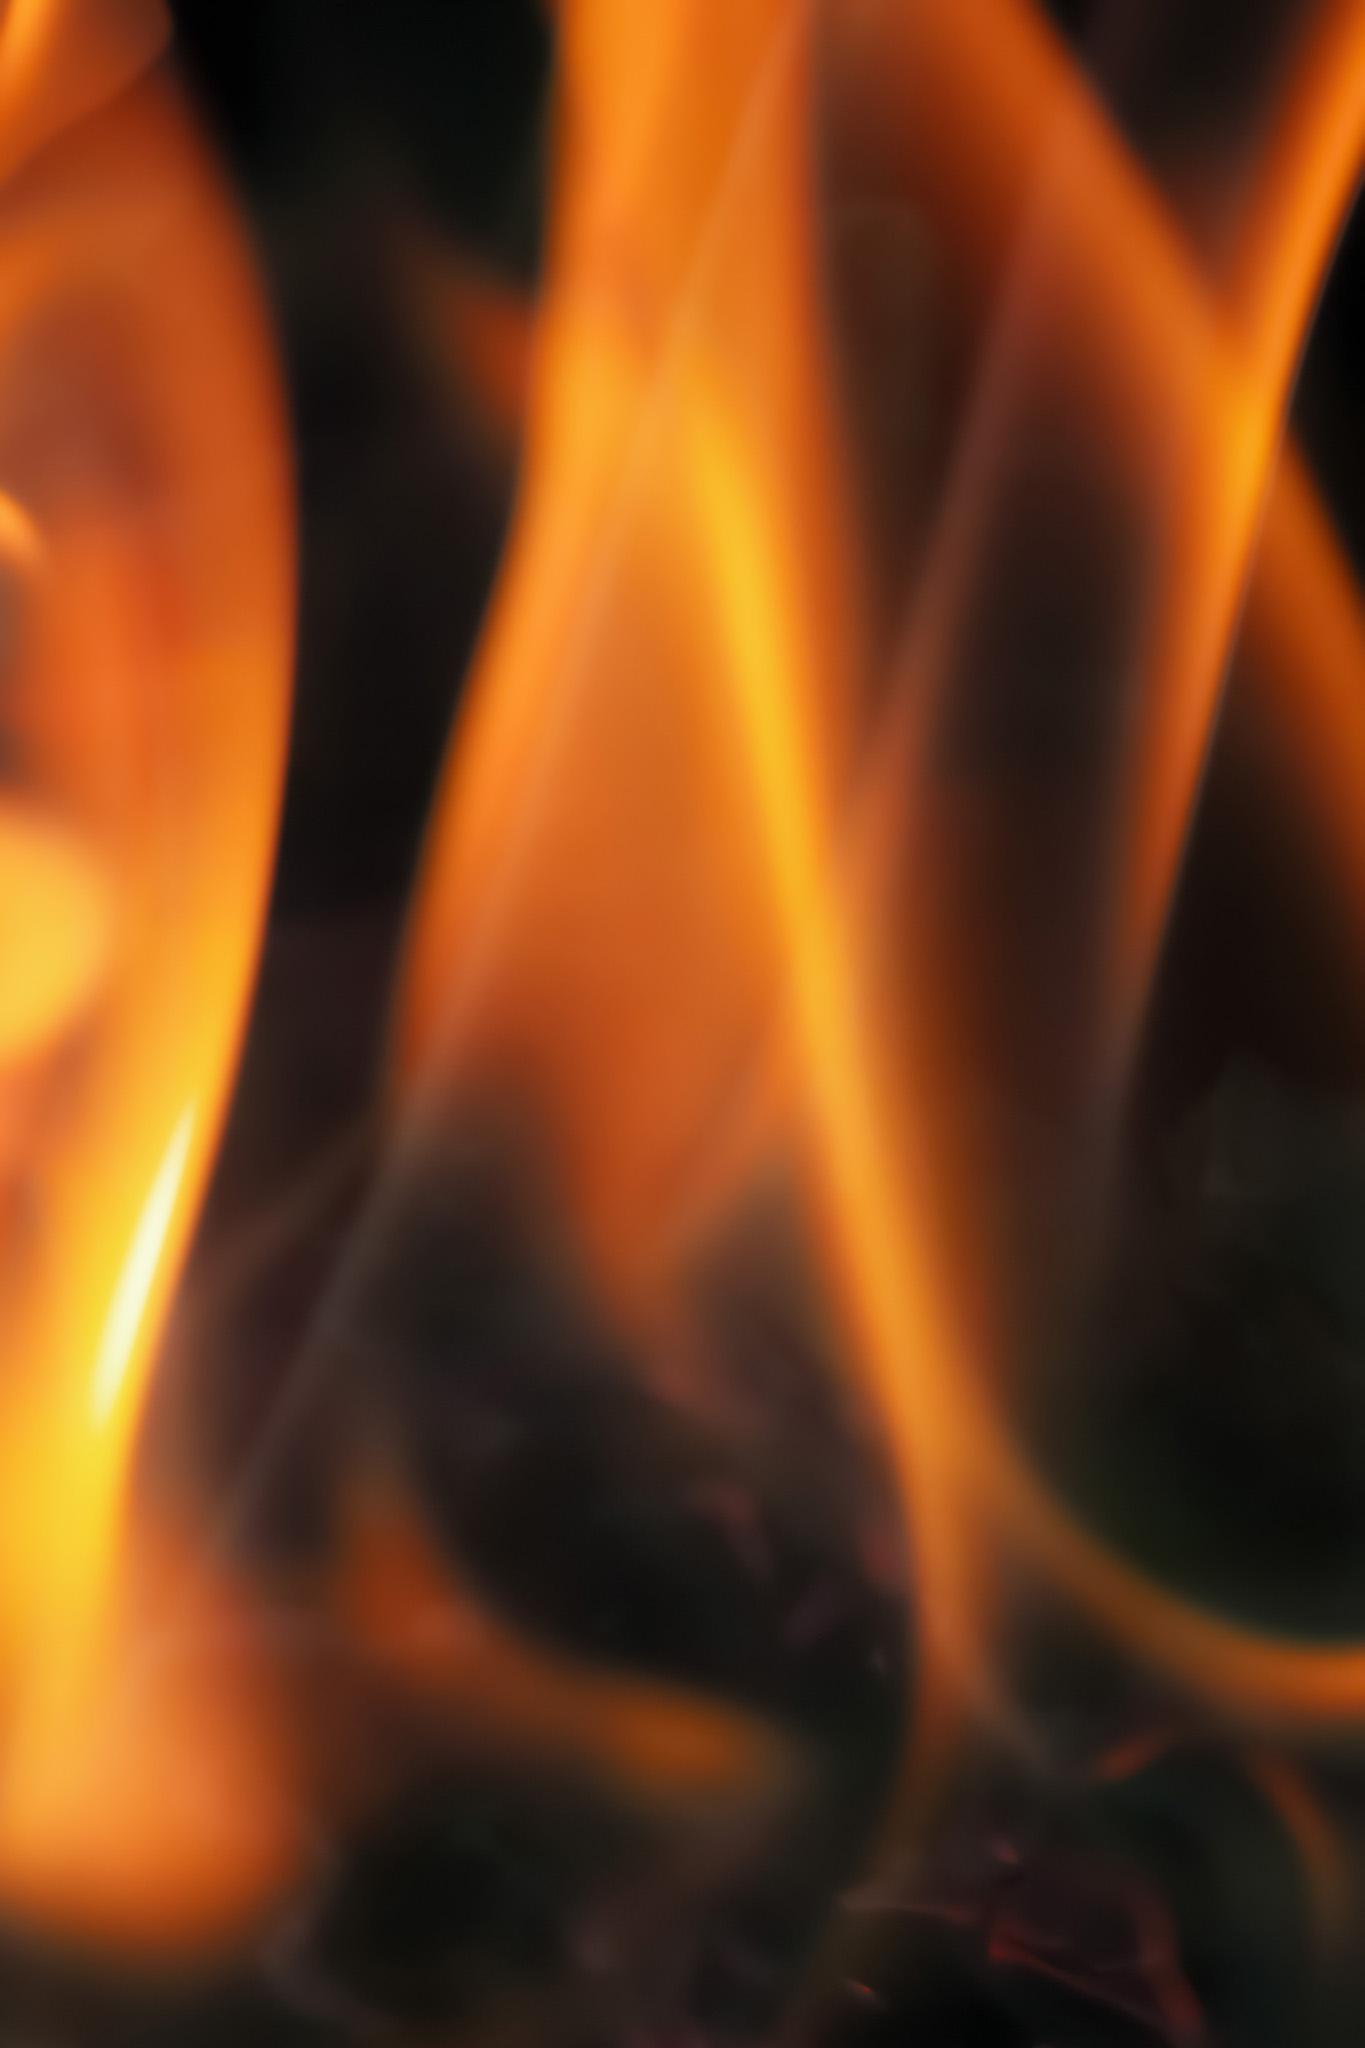 「烈火ごとく燃える炎」